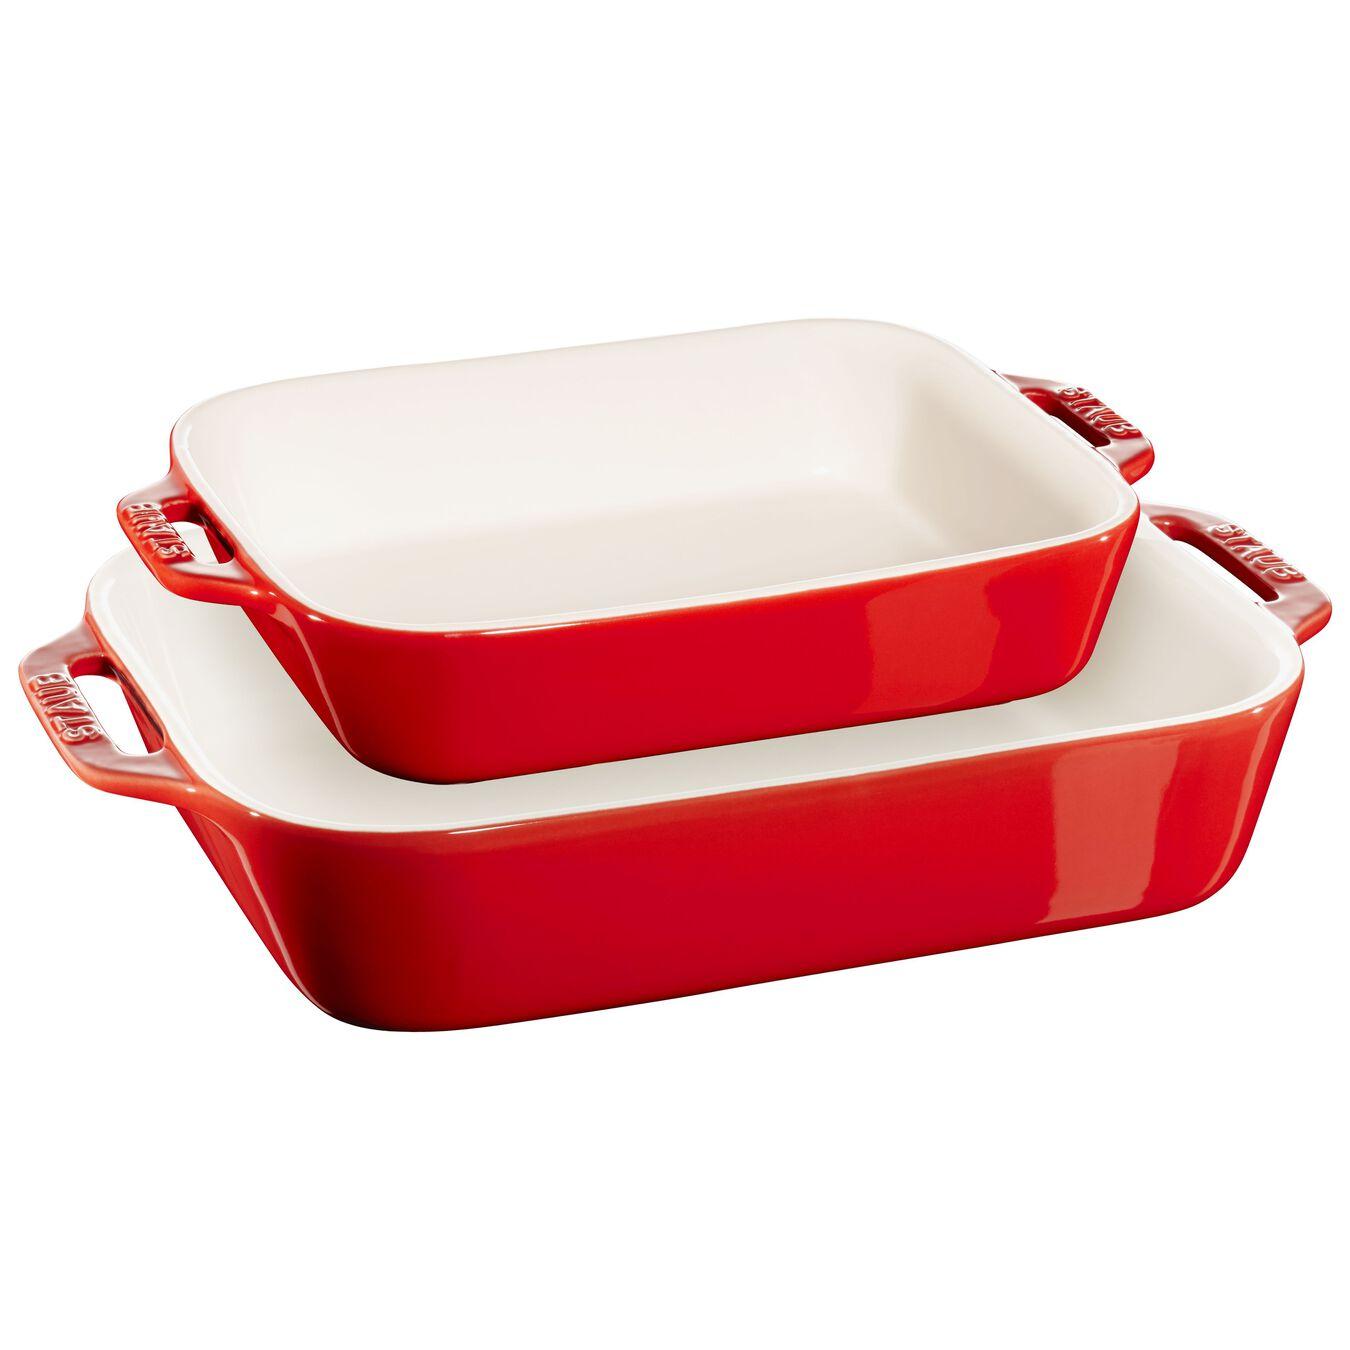 2-pc Rectangular Baking Dish Set - Cherry,,large 1